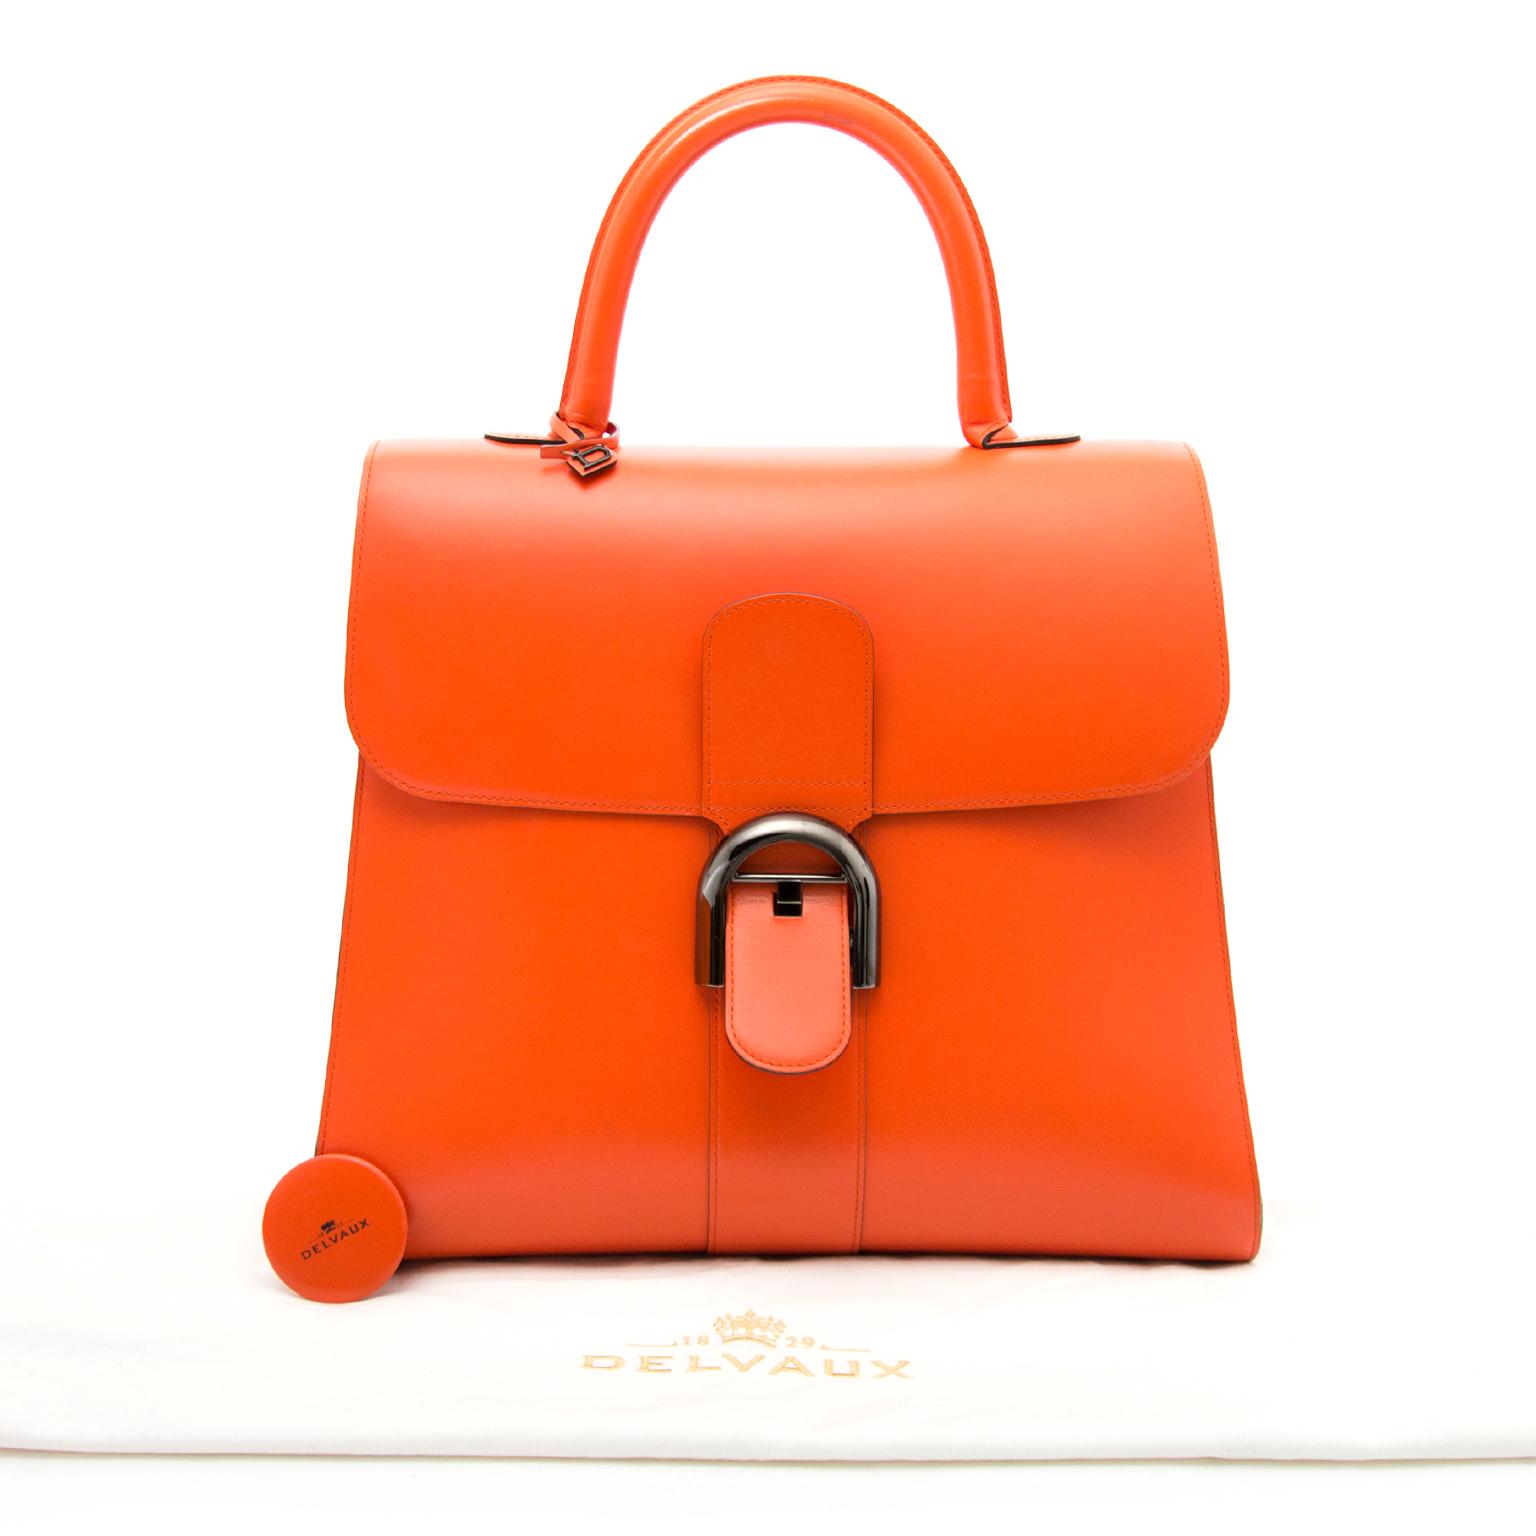 92a9d1fe0d2 ... delvaux brillant black edition mandarine nu online bij labellov.com  tegen de beste prijs shop